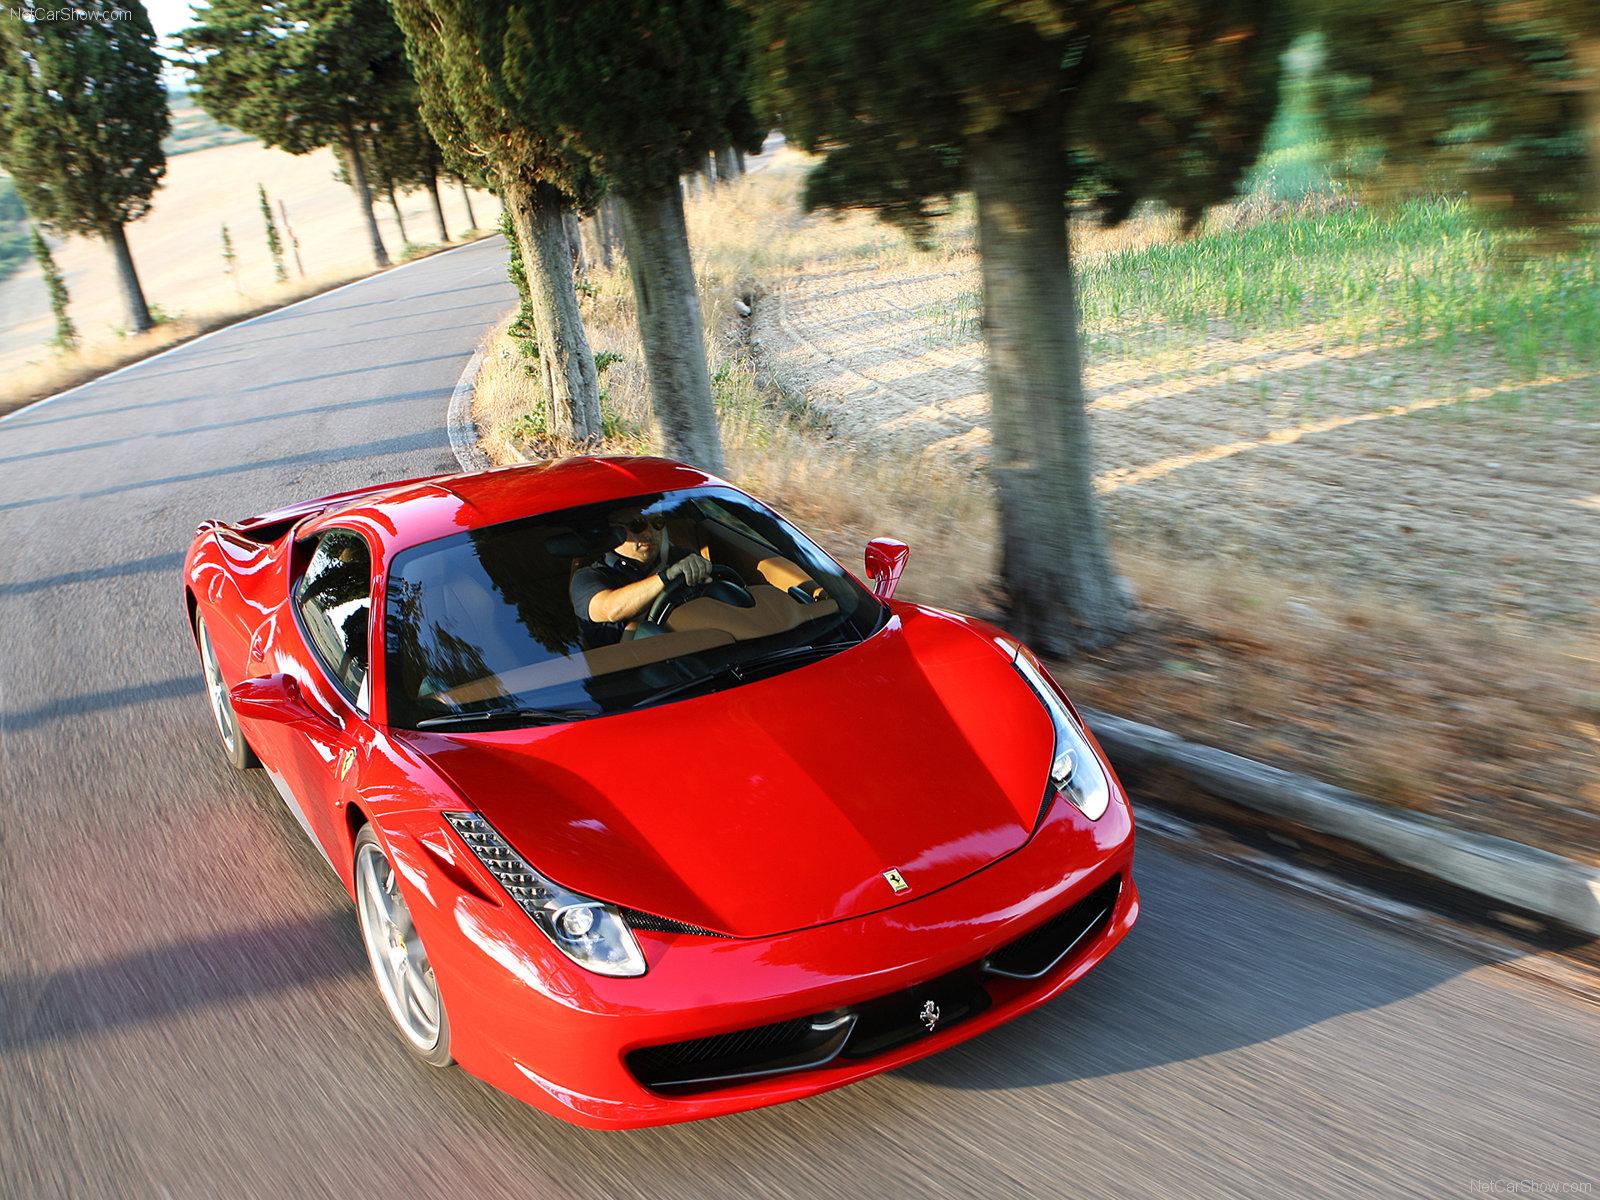 http://2.bp.blogspot.com/_PbmrOVNL_Dw/SwljHFKybPI/AAAAAAAAAo4/7fGN81yirio/s1600/Ferrari+458+Italia+2011+1.jpg